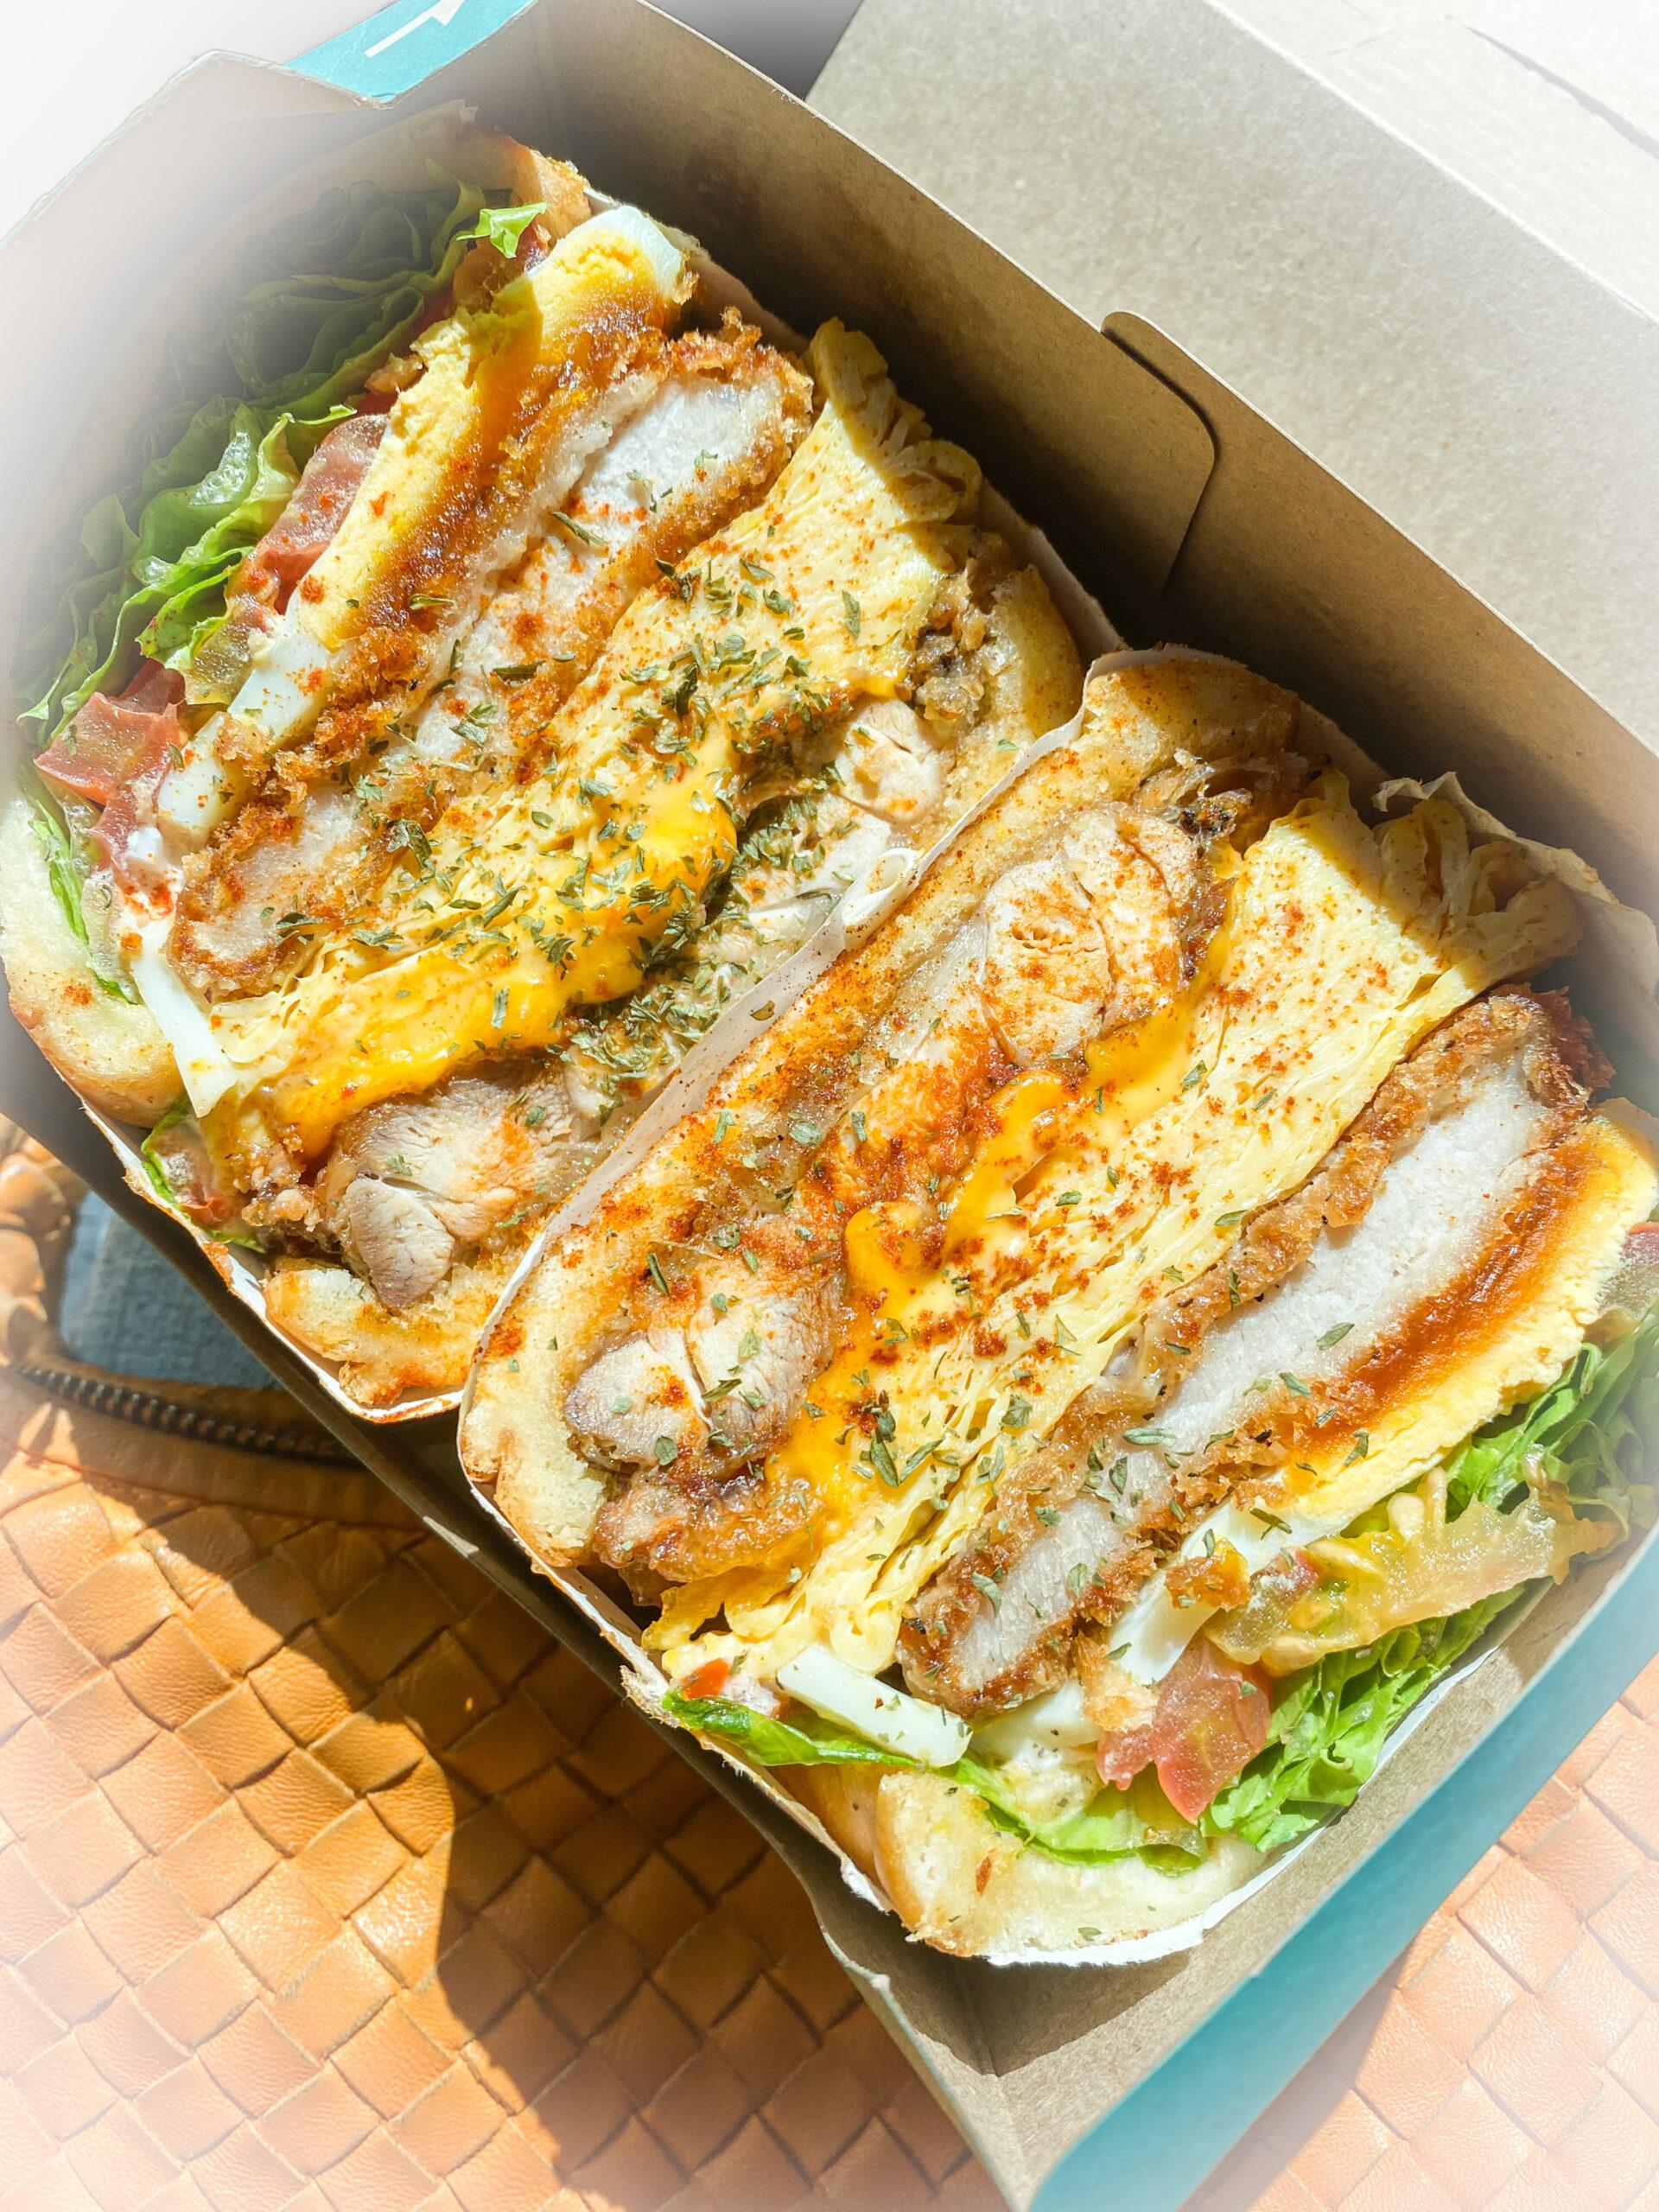 南京三民站排隊早午餐|城市小綠洲、爆料三明治推薦『happiness day 幸福的一天』菜單、外帶三明治、外帶早餐 @梅格(Angelababy)享樂日記